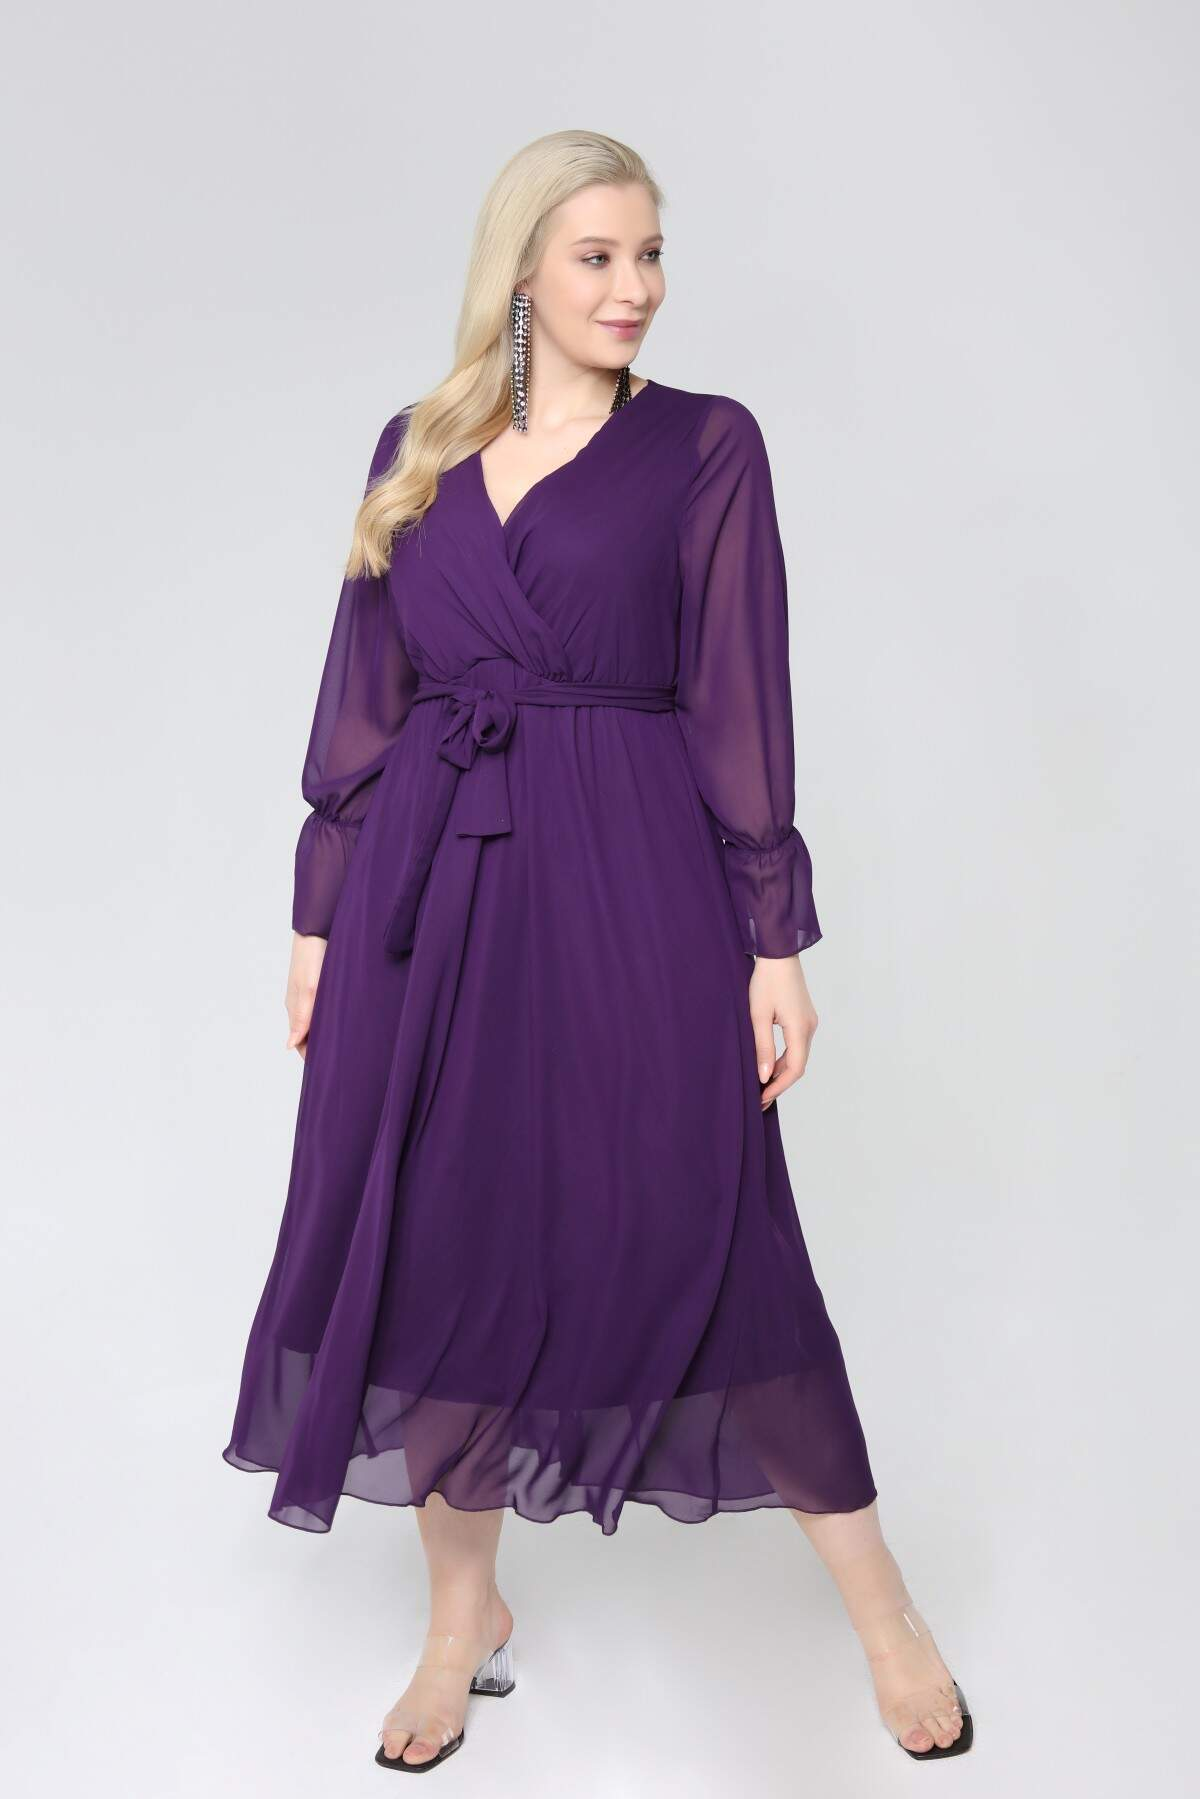 Angelino Büyük Beden Kruvaze Yaka Kollu Şifon Elbise nv4001 Mor